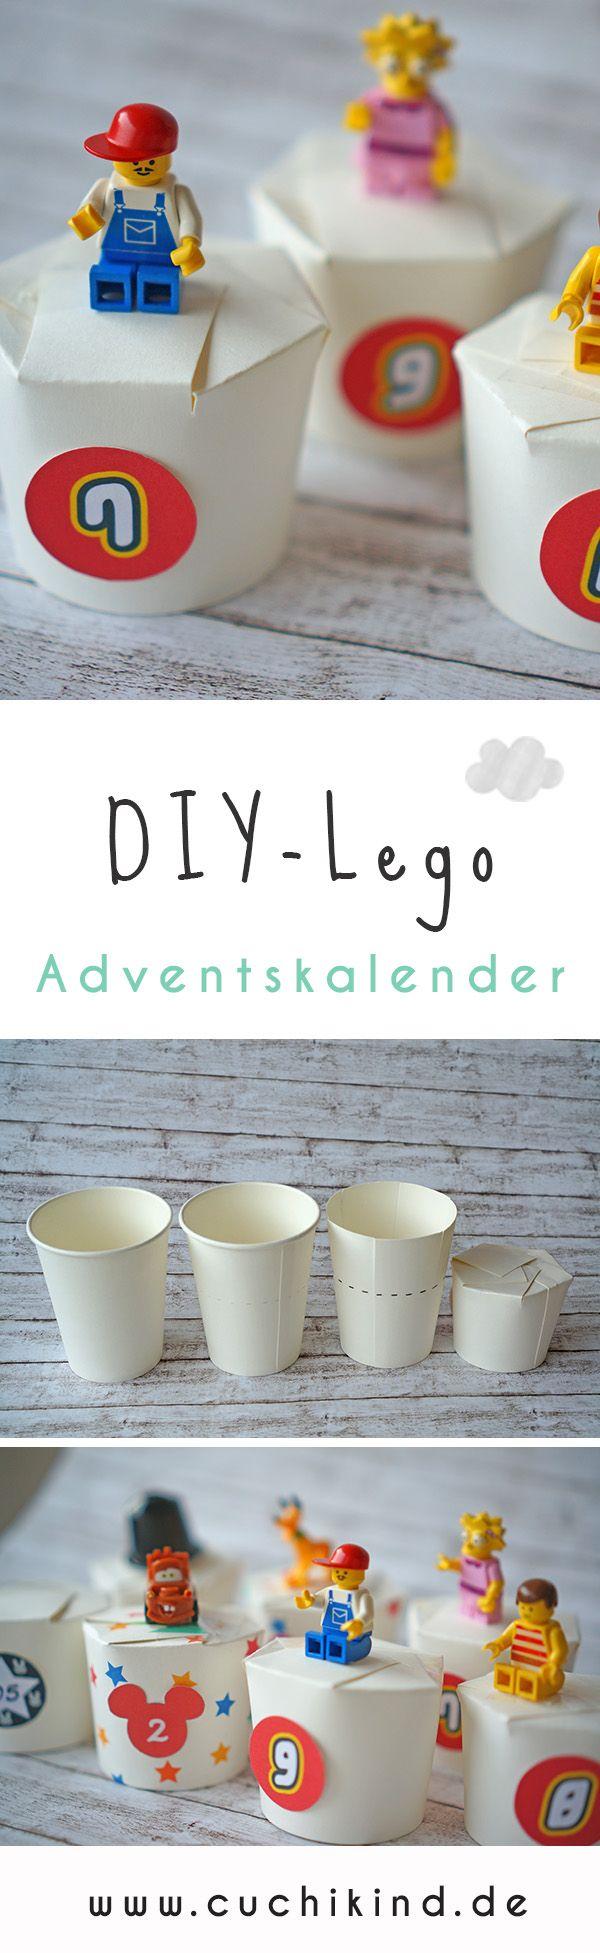 Selbstgemachter DIY-Adventskalender aus Pappbechern und Lego-Figuren. Inklusive kostenlosem Printable zum Runterladen. Alle Legozahlen zum Ausdrucken. #lego #adventskalender